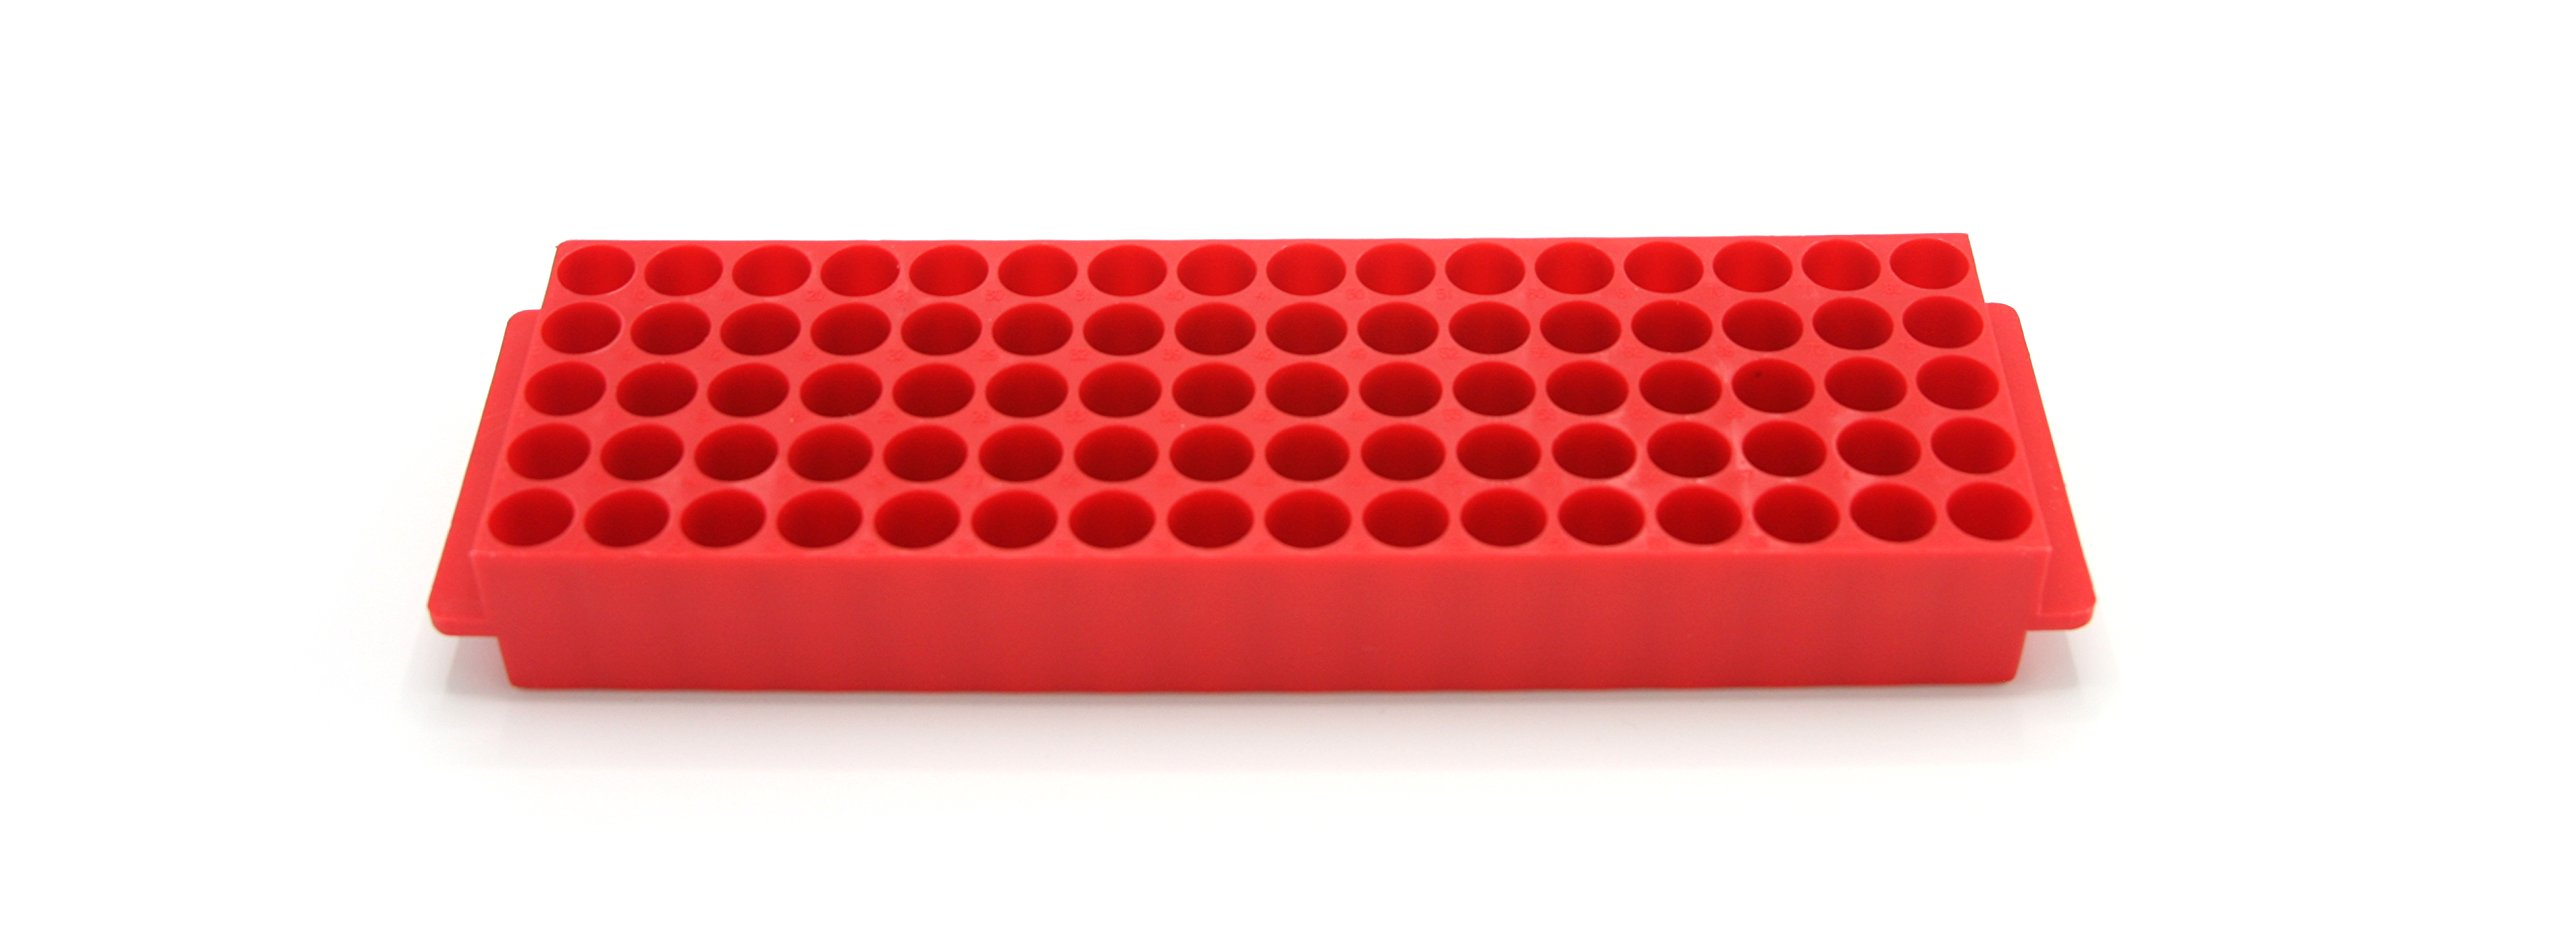 Heathrow Scientific HS29025J Microtube Rack, 80 Wells, Polypropylene, Red (Pack of 5) by Heathrow Scientific